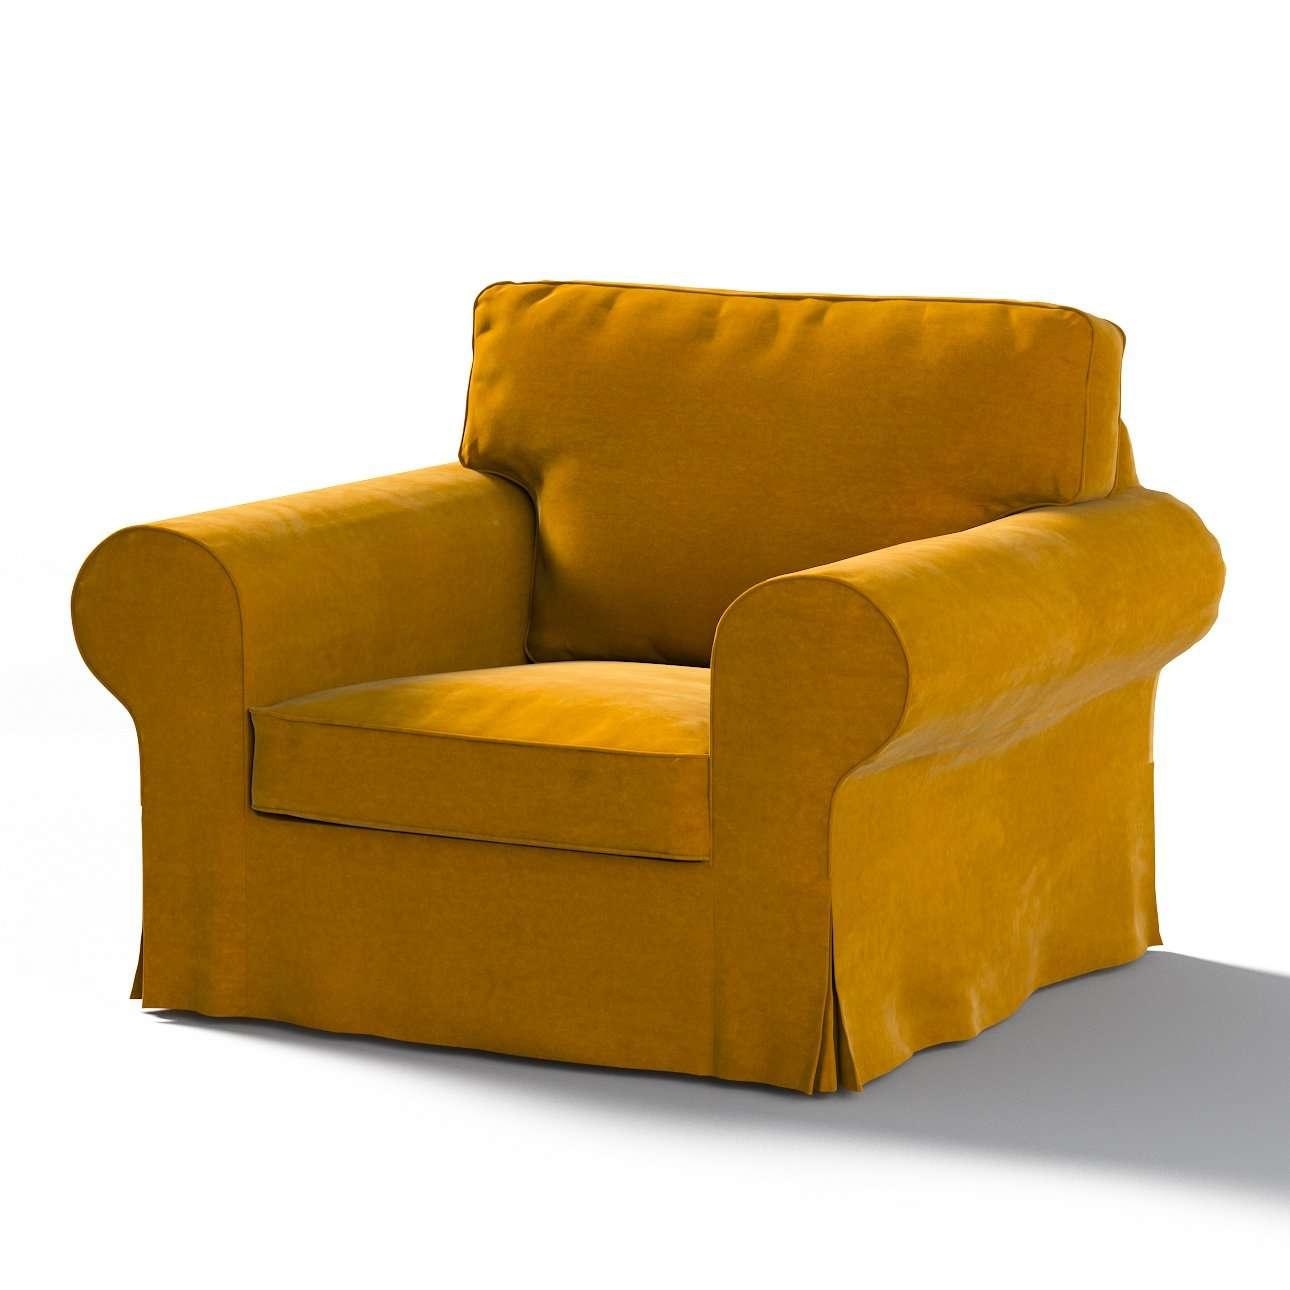 Ektorp Sesselbezug, gelb, Sesselhusse für Ektorp Sessel, Velvet | Heimtextilien > Hussen und Überwürfe | Dekoria